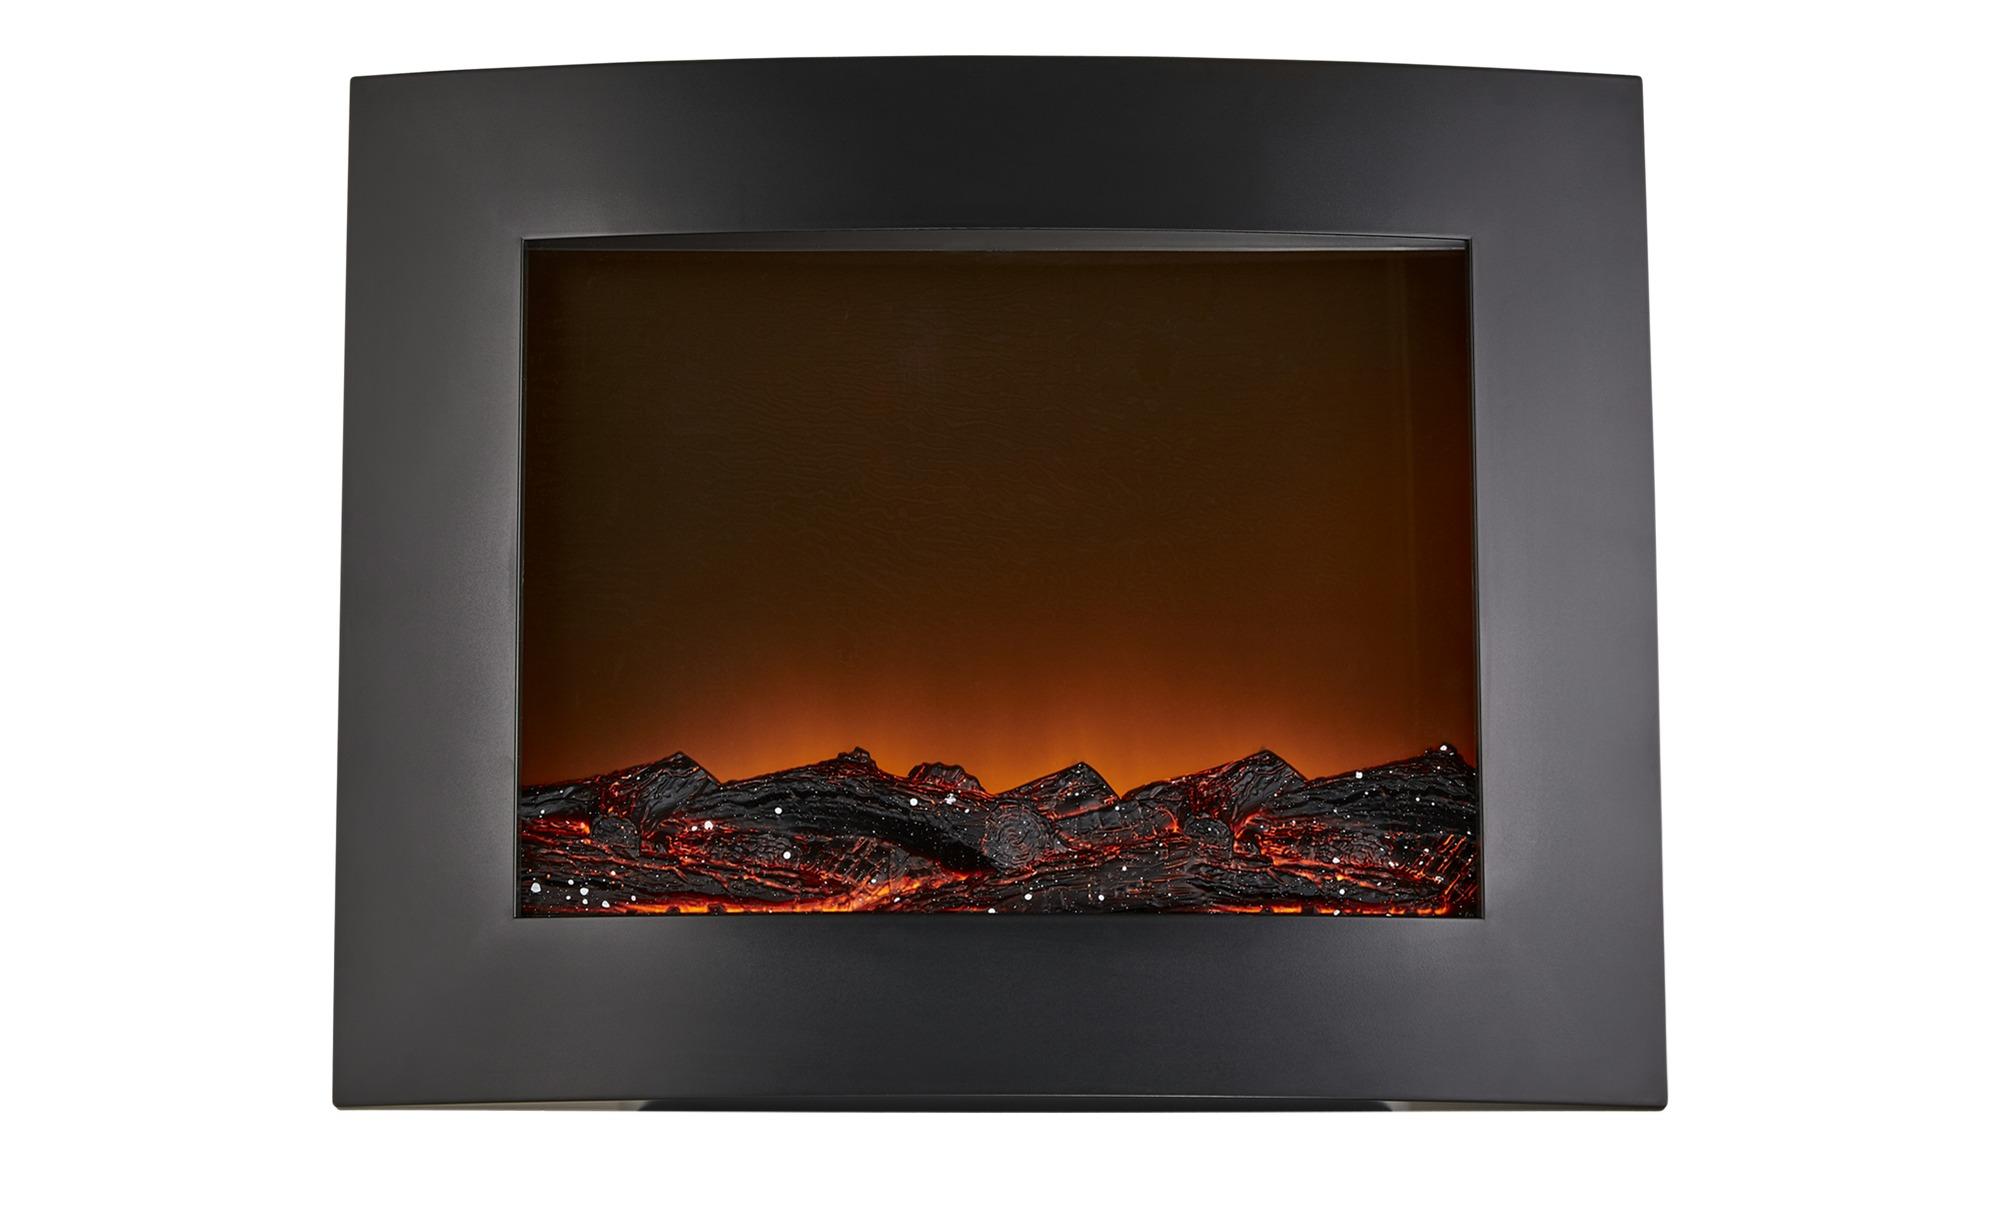 LED-Kamin - schwarz - Kunststoff - 50,3 cm - 40,5 cm - 15 cm - Lampen & Leuchten > Sonstige Leuchten - Möbel Kraft | Wohnzimmer > Kamine & Öfen | Sconto